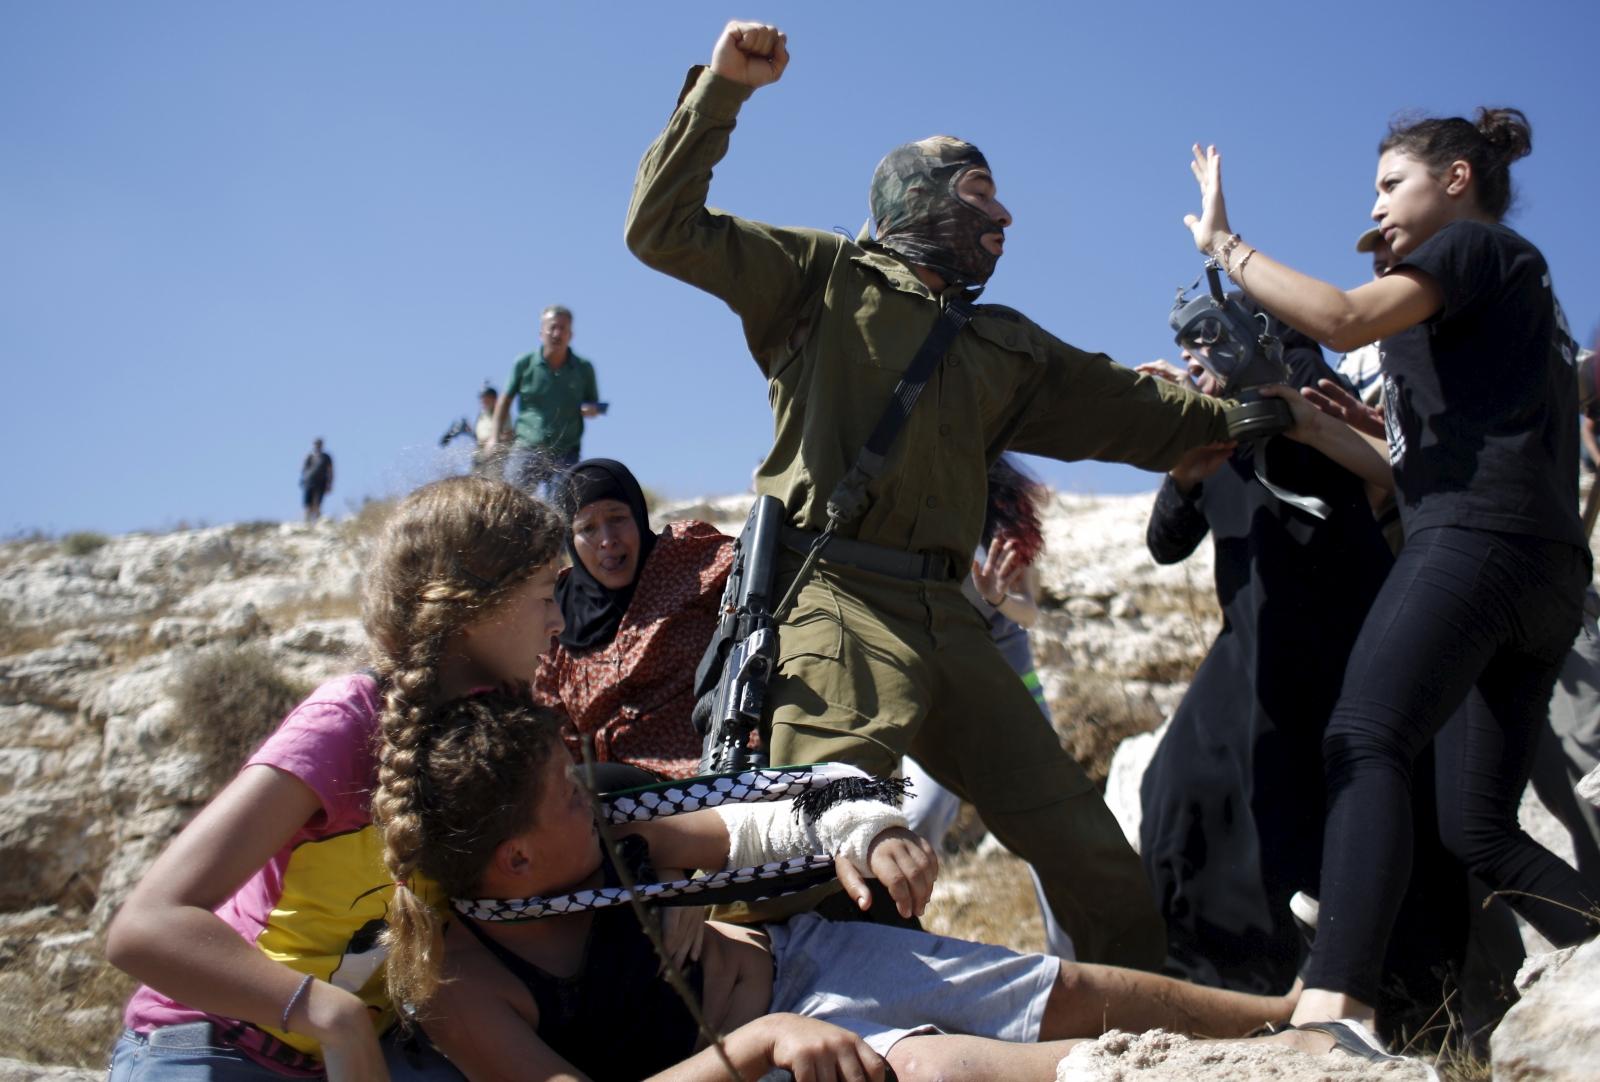 Israeli solider Palestine teenager